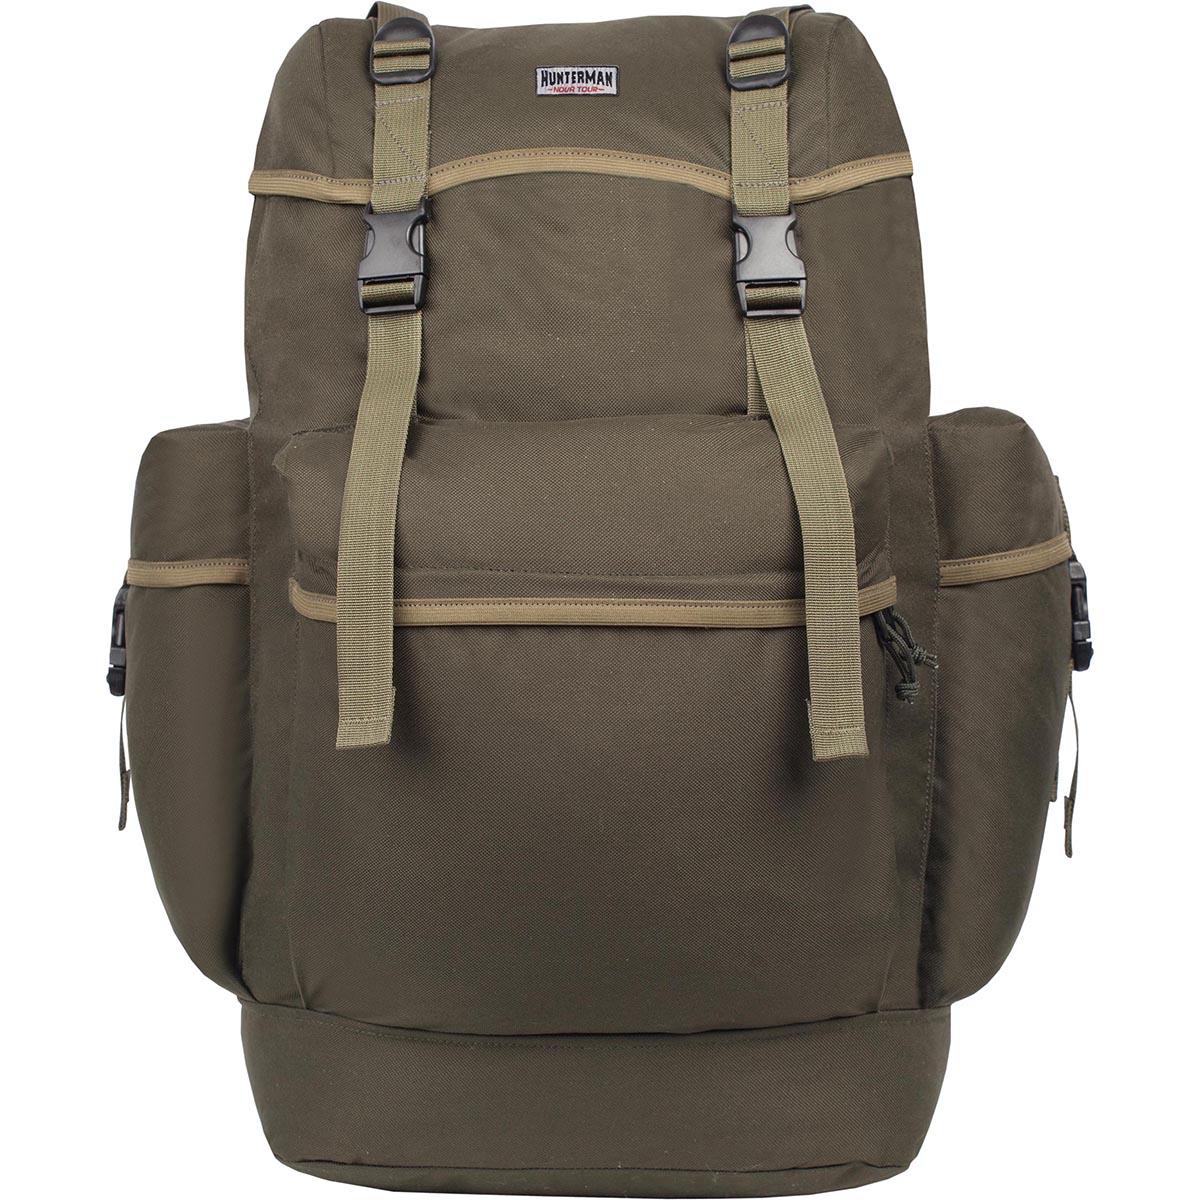 Рюкзак для охоты Hunter Nova Tour Охотник 50 V3, цвет: зеленый, 50 л рюкзак nova tour hunterman охотник 70 v3 км forest